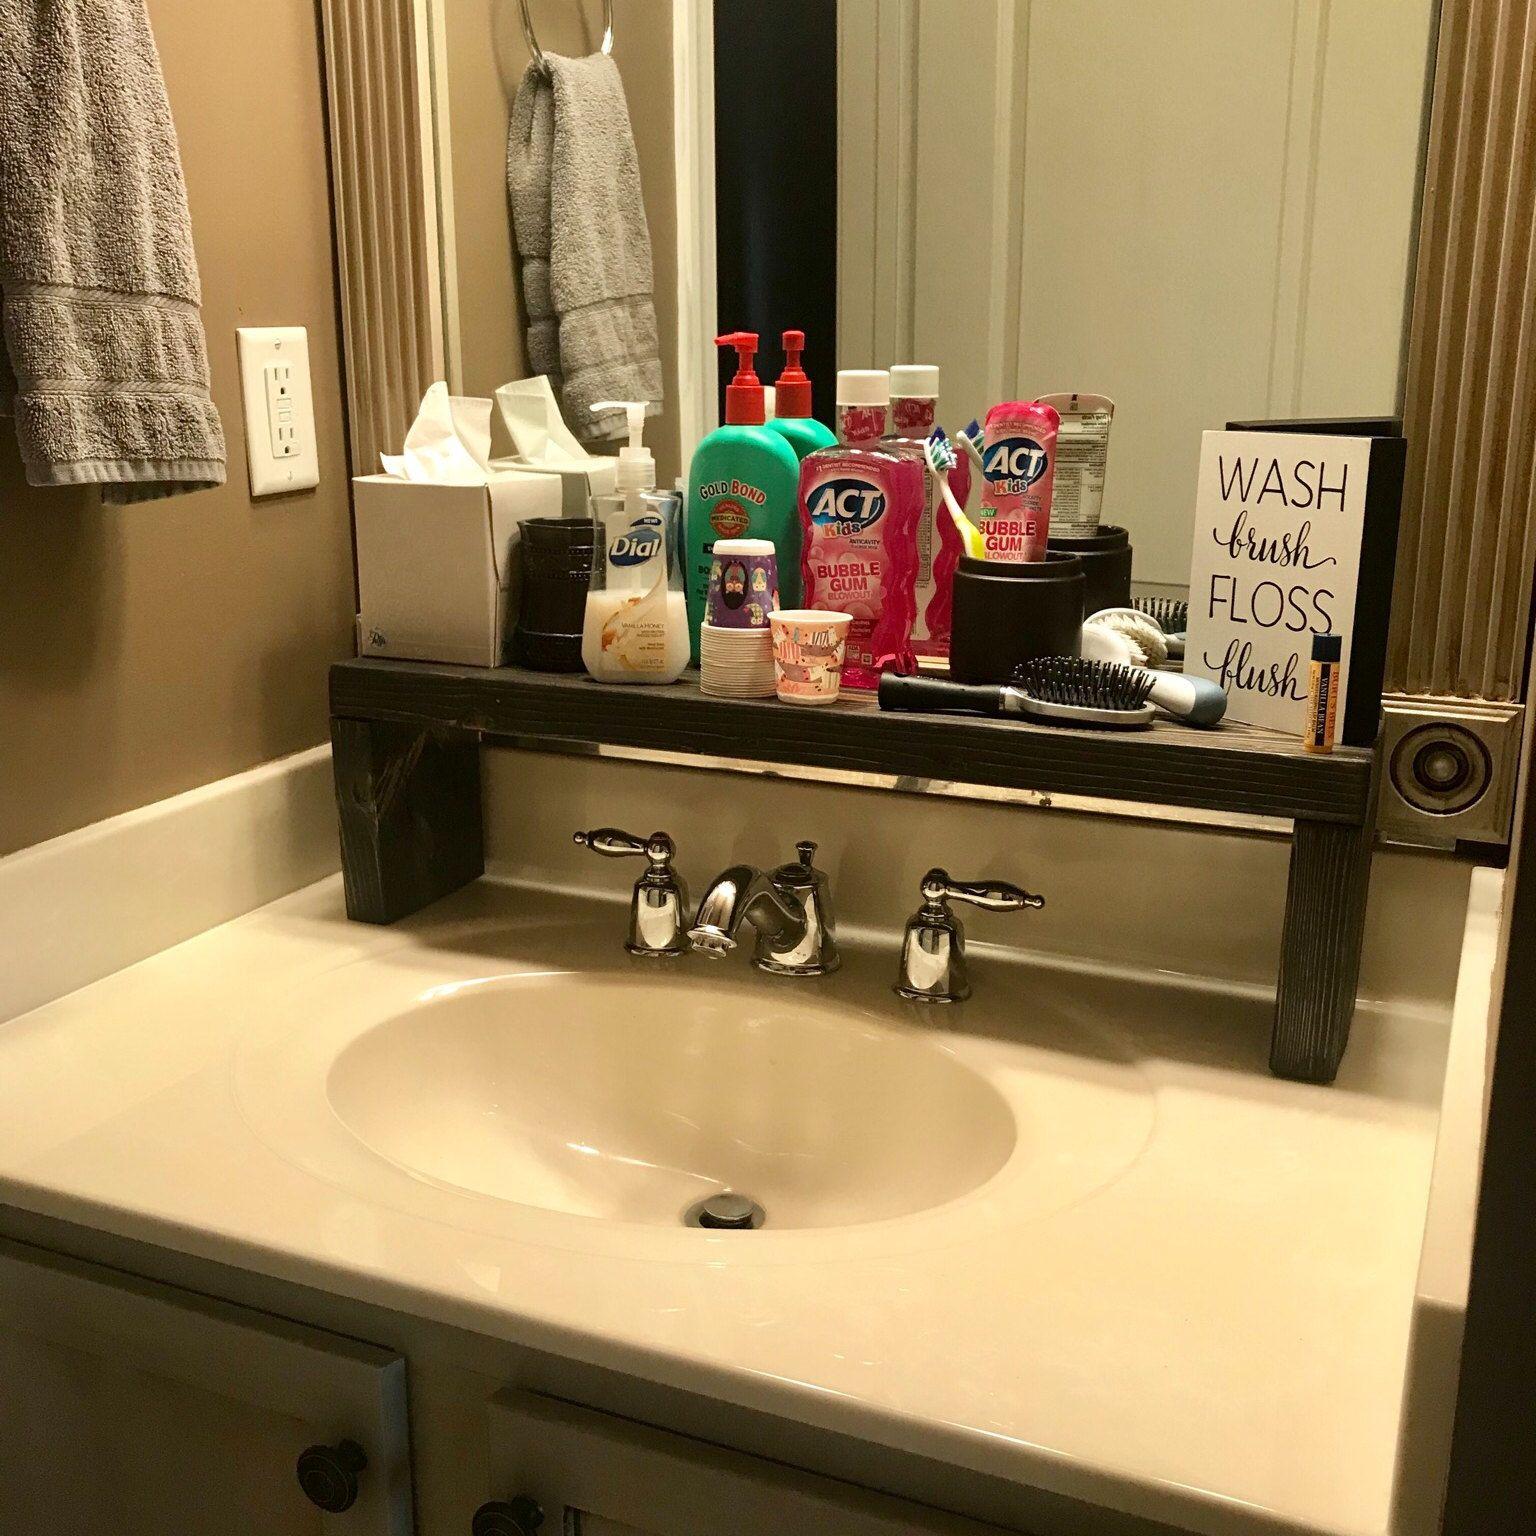 Rustic Wood Shelf, Bathroom Sink Shelf, Moden Farmhouse